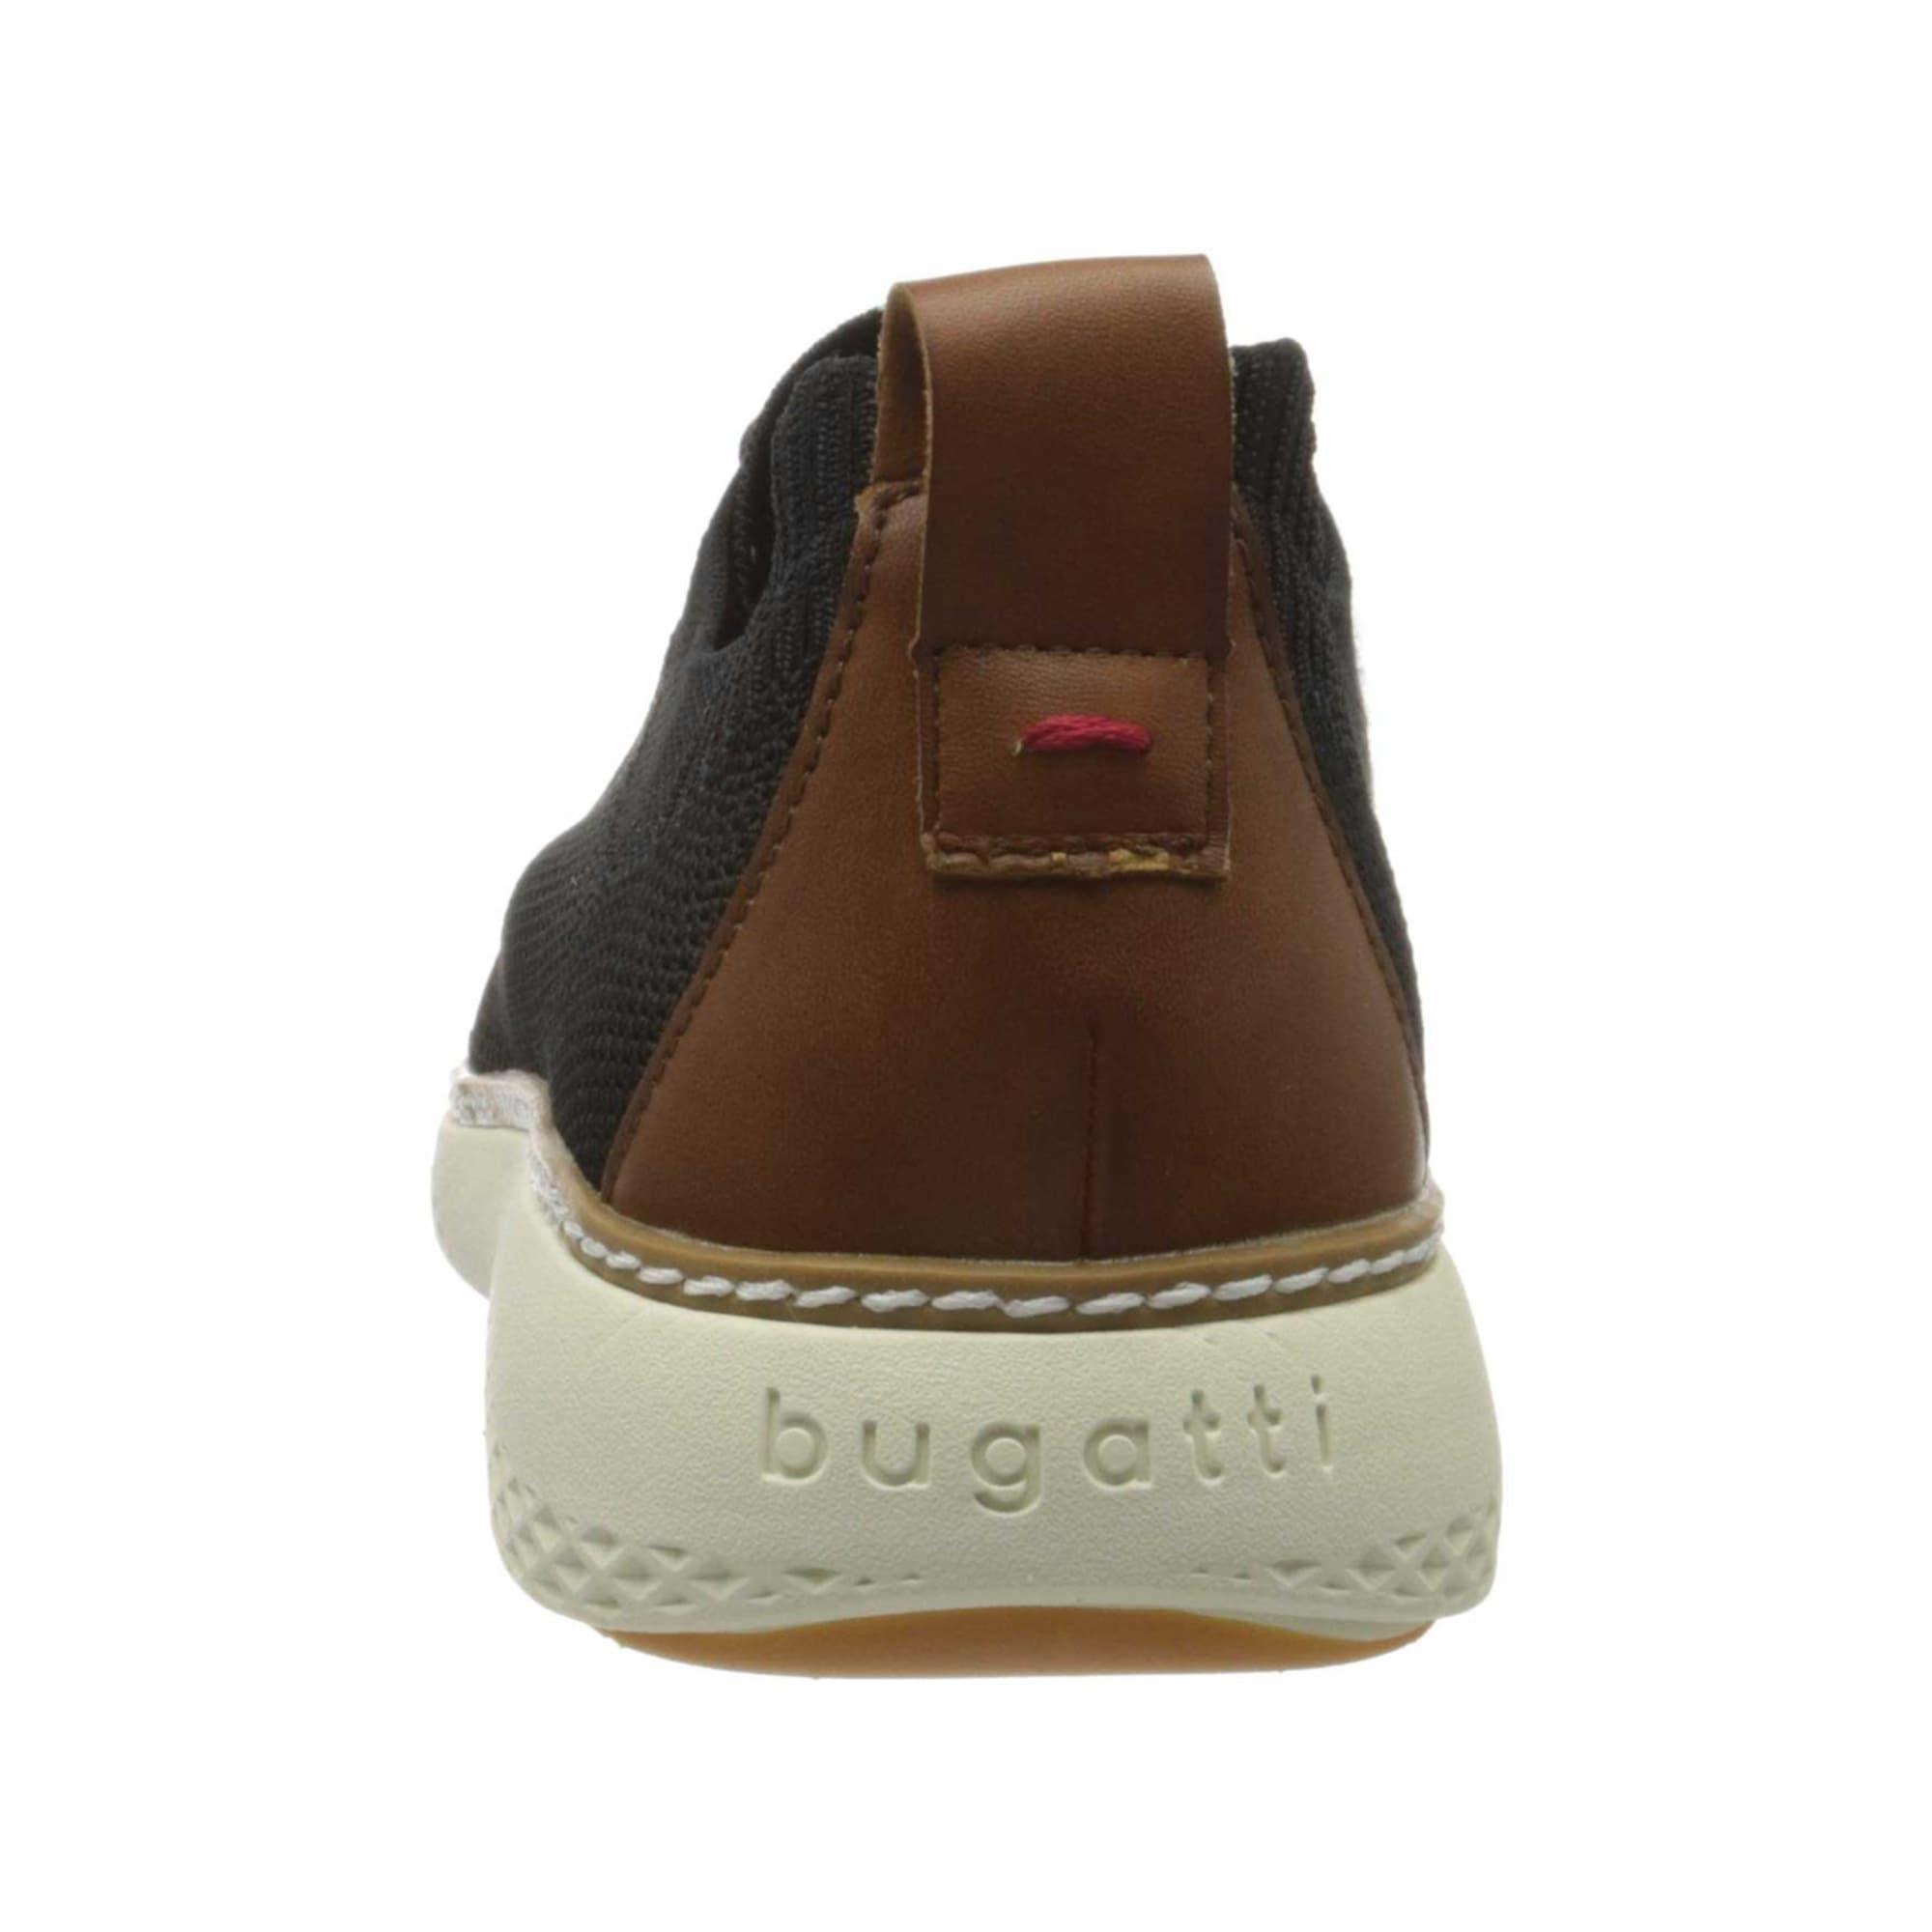 bugatti - Schnürschuhe